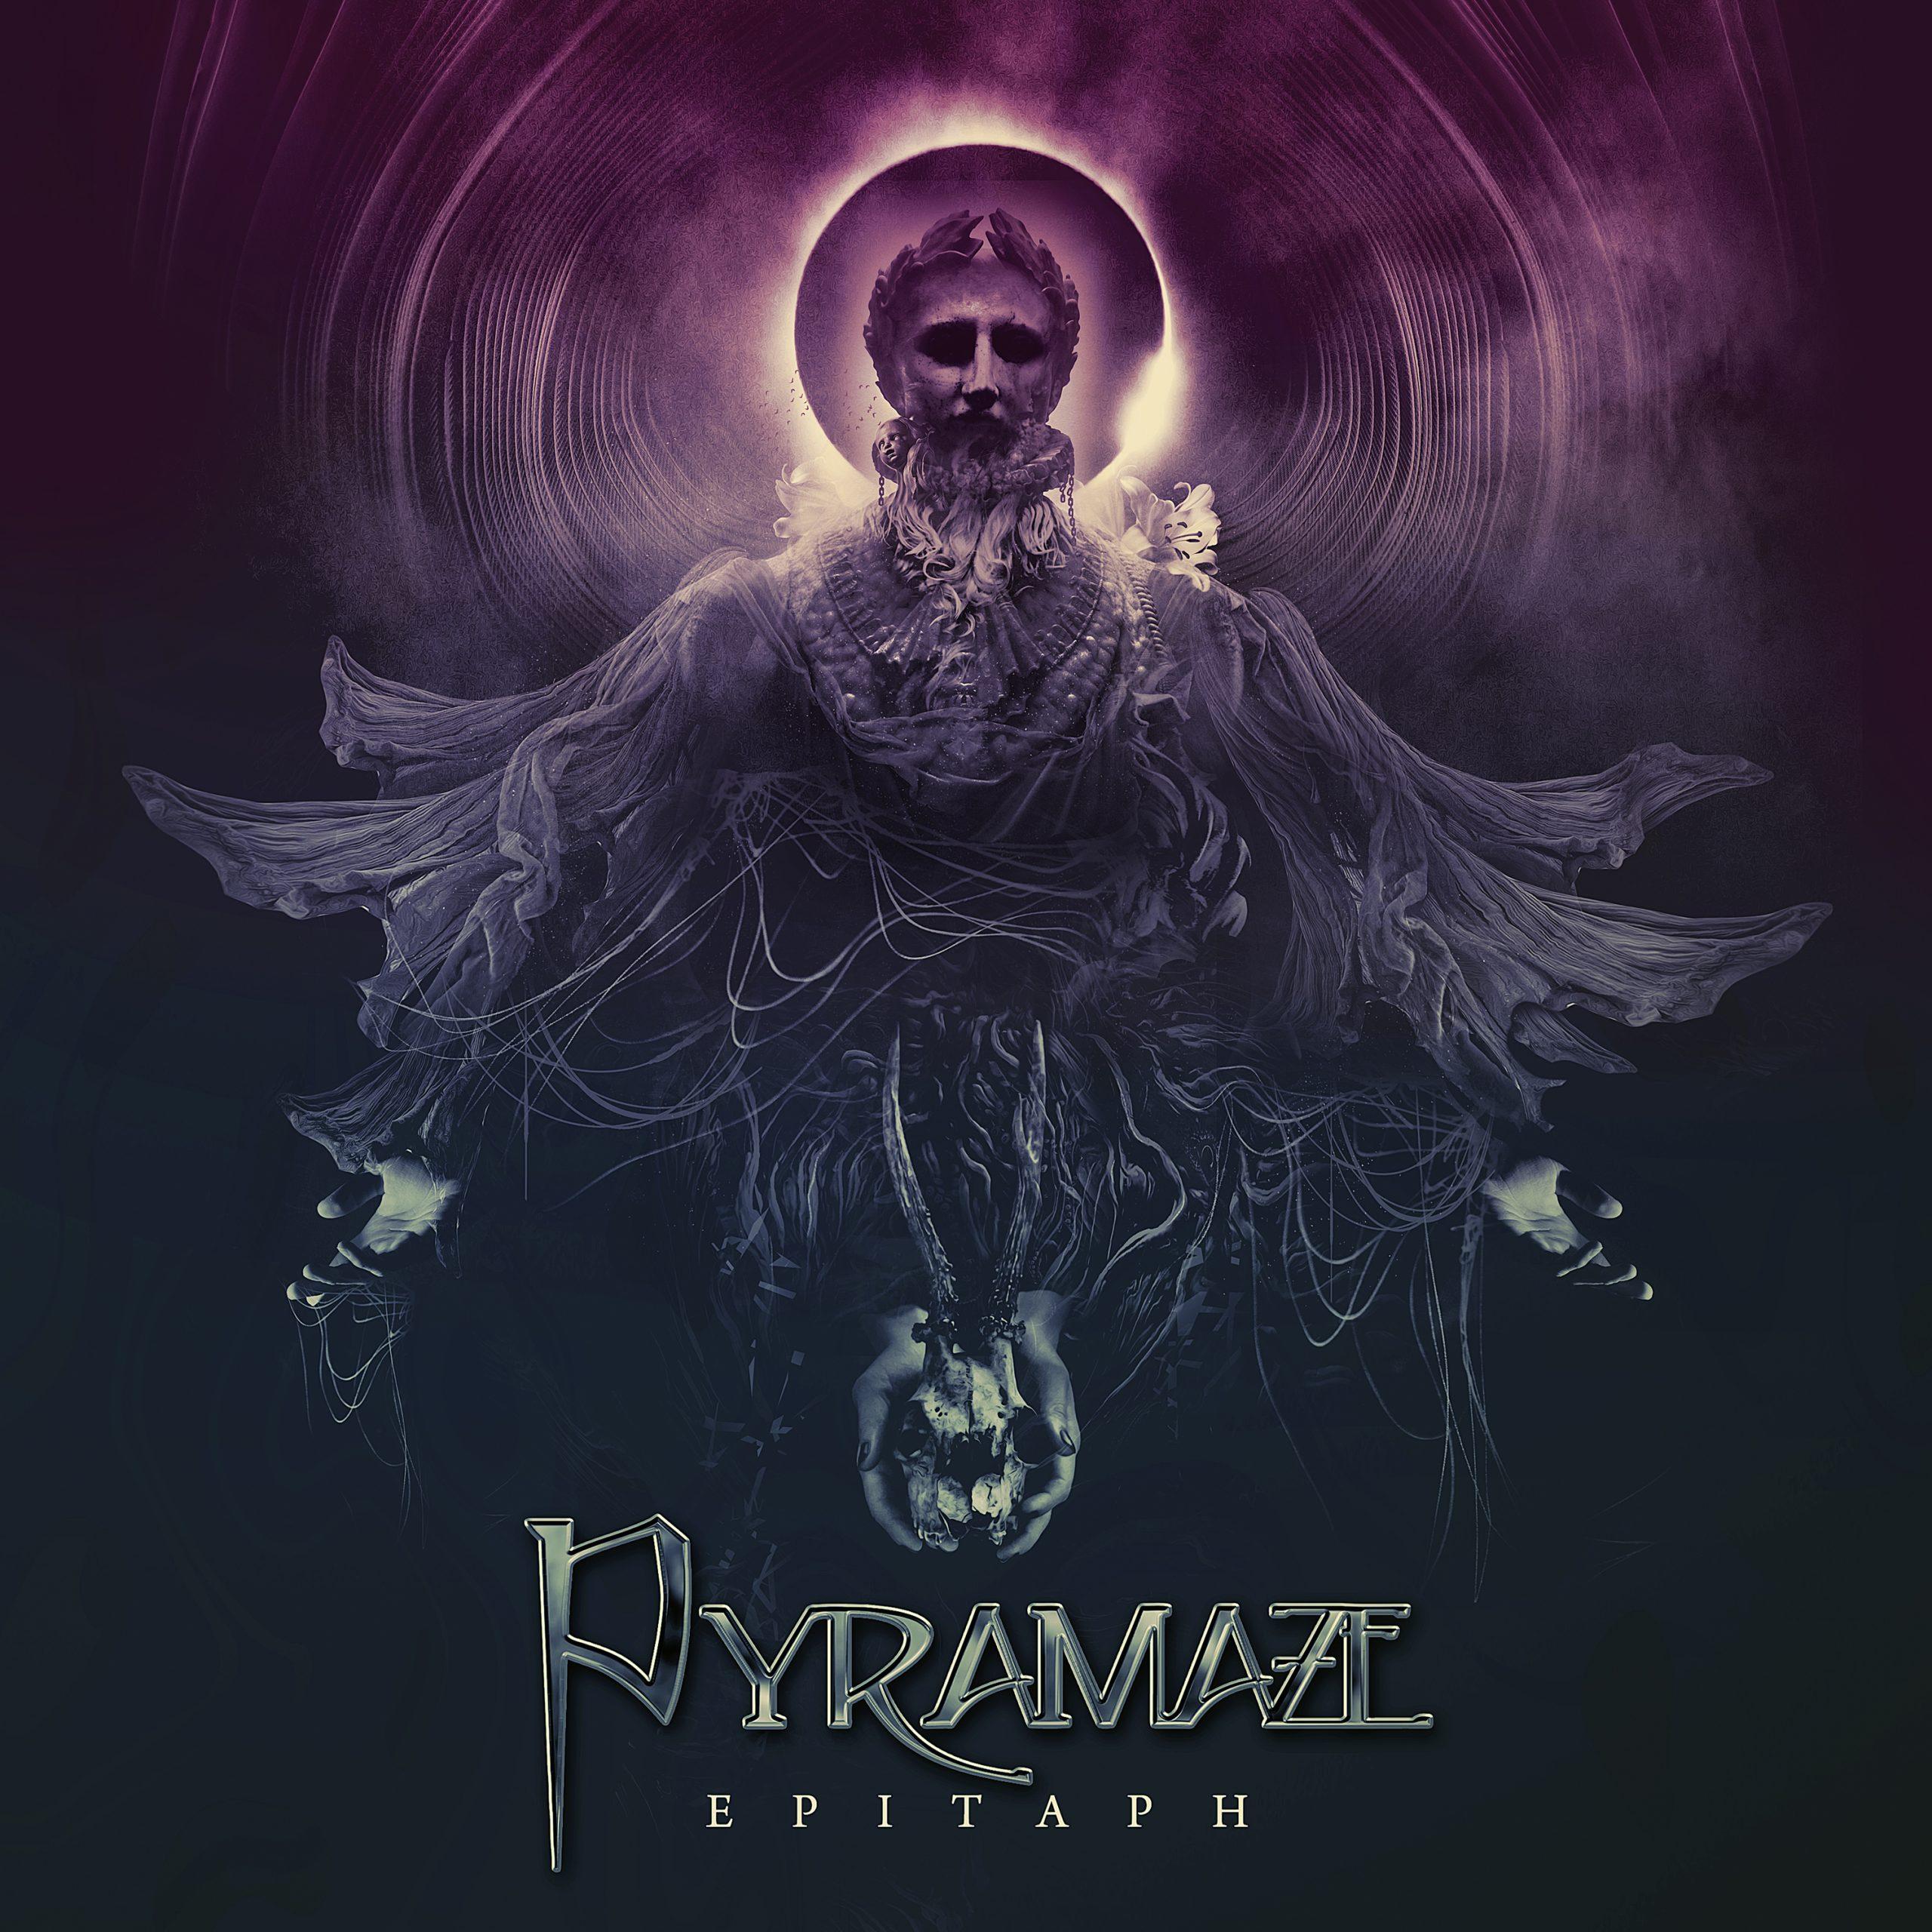 pyramaze-epitaph-neuer-melodic-metal-leckerbissen-veroeffentlicht